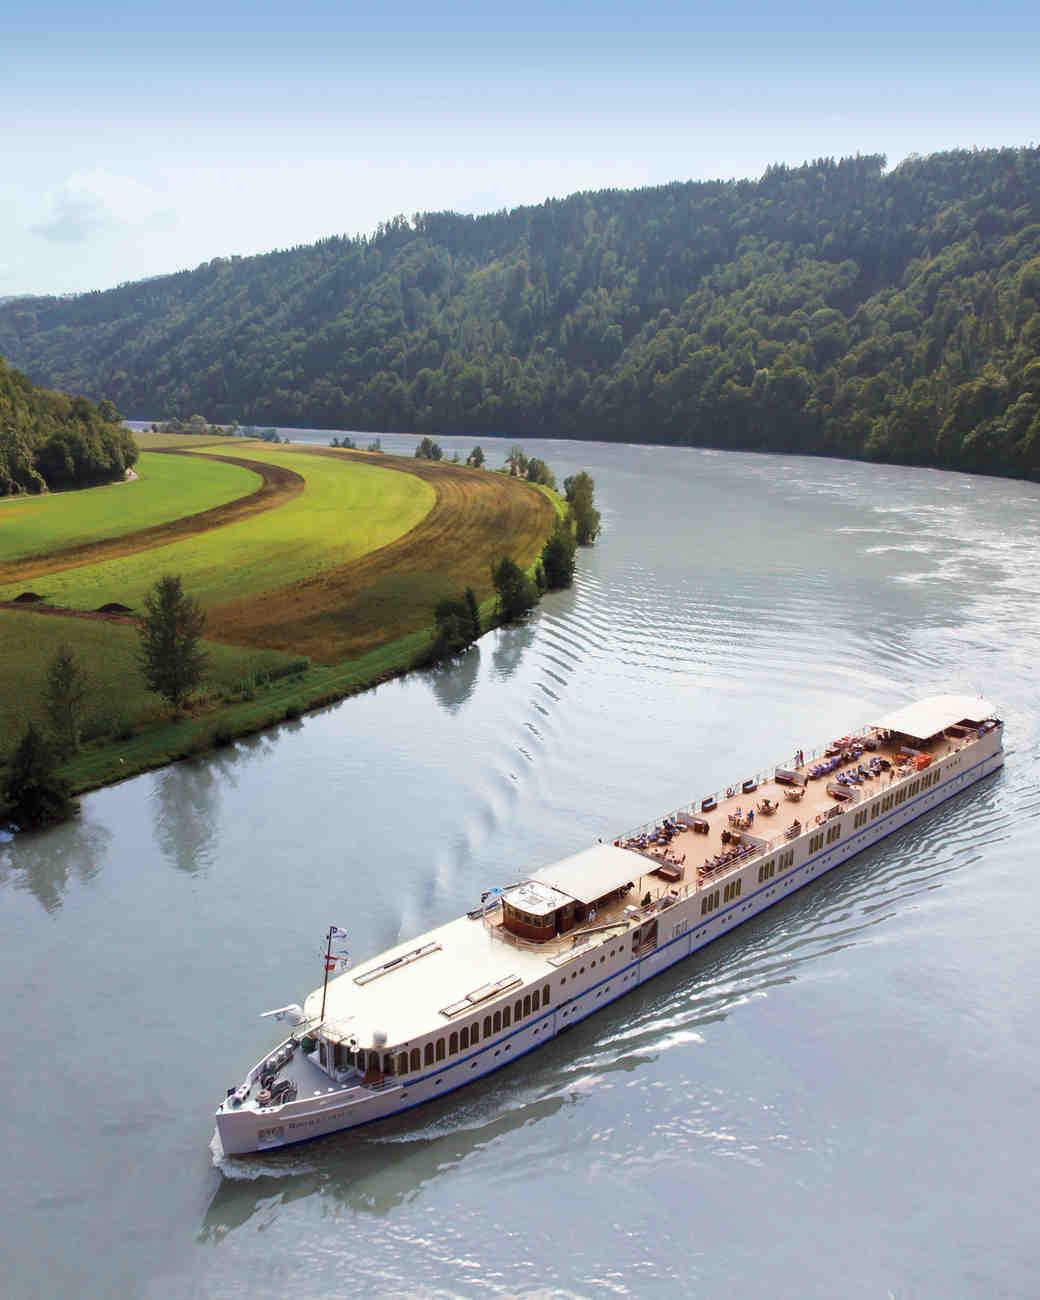 rivercloud-ii-ship-09-mws110053.jpg